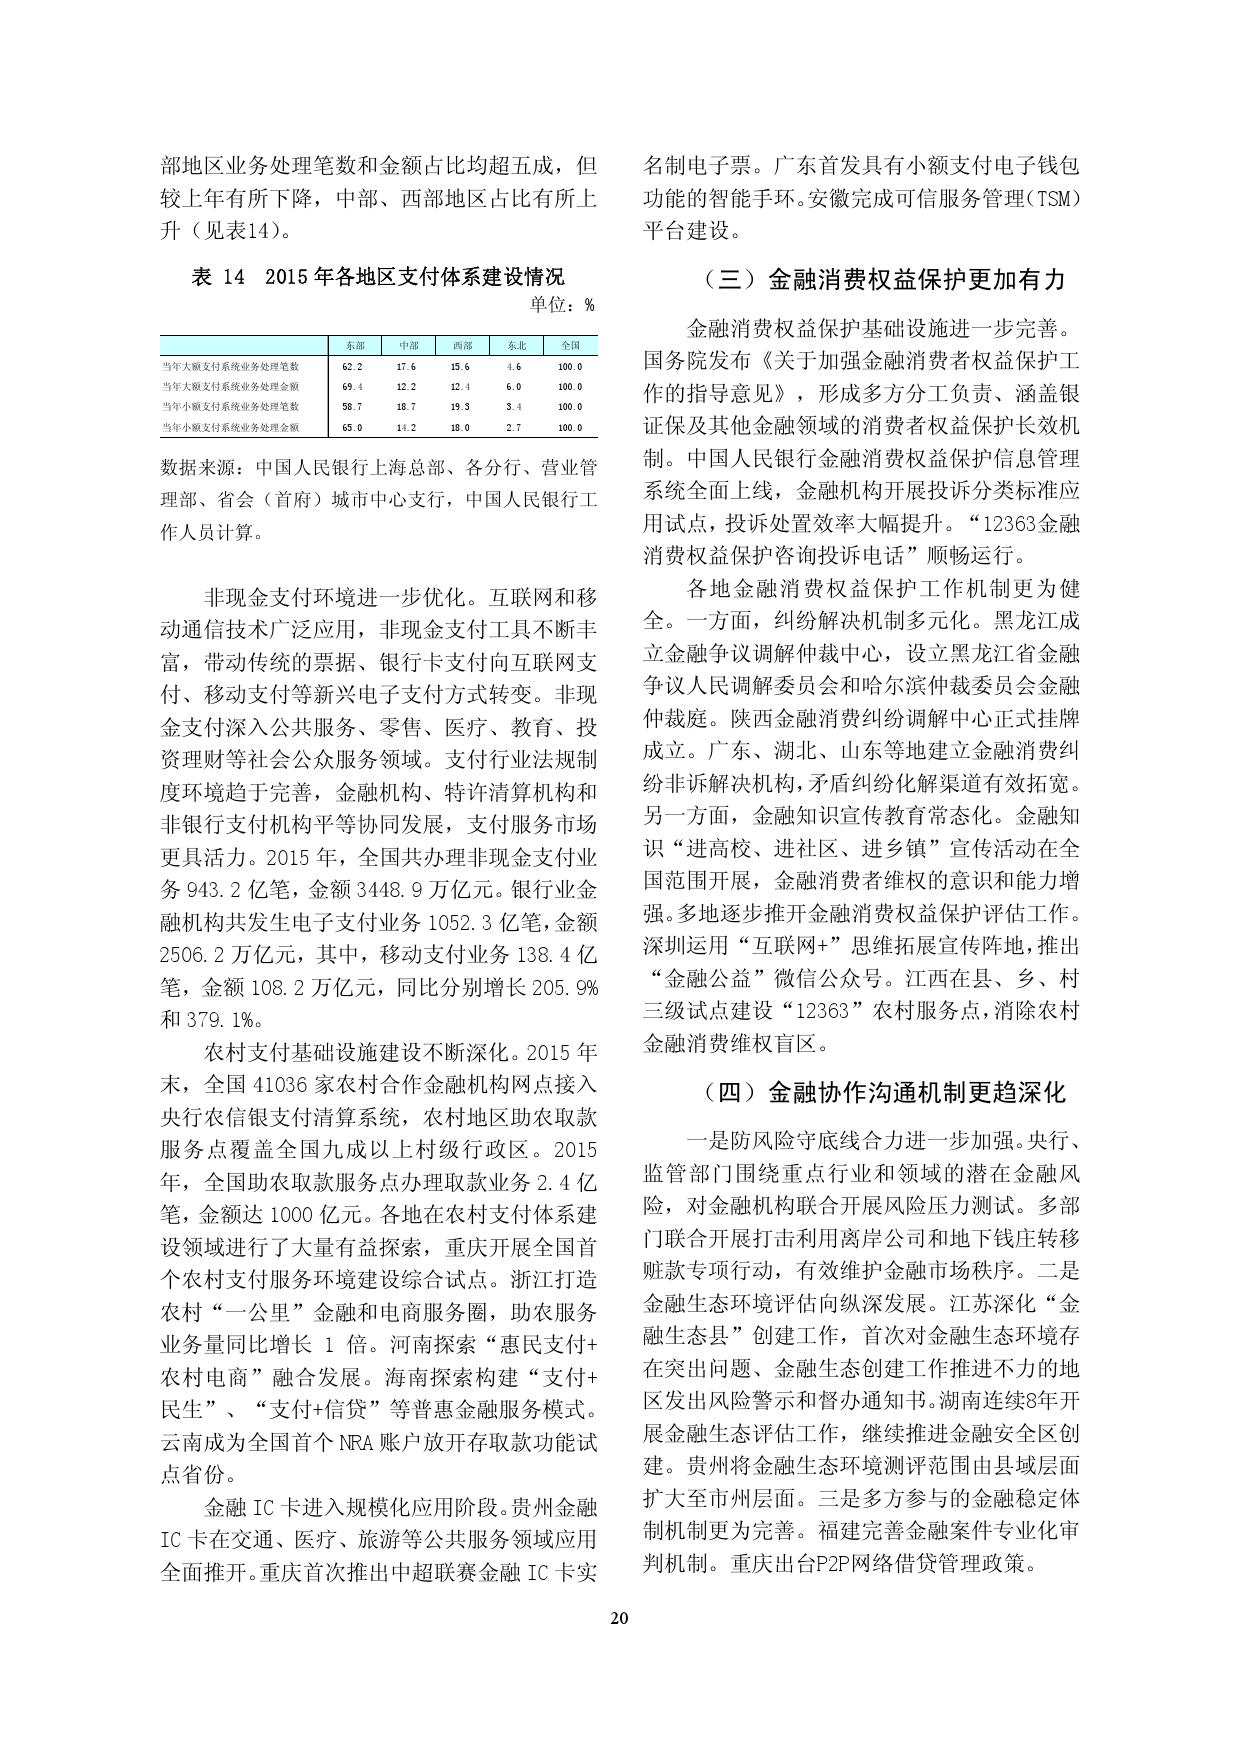 2015年中国区域金融运行报告_000023